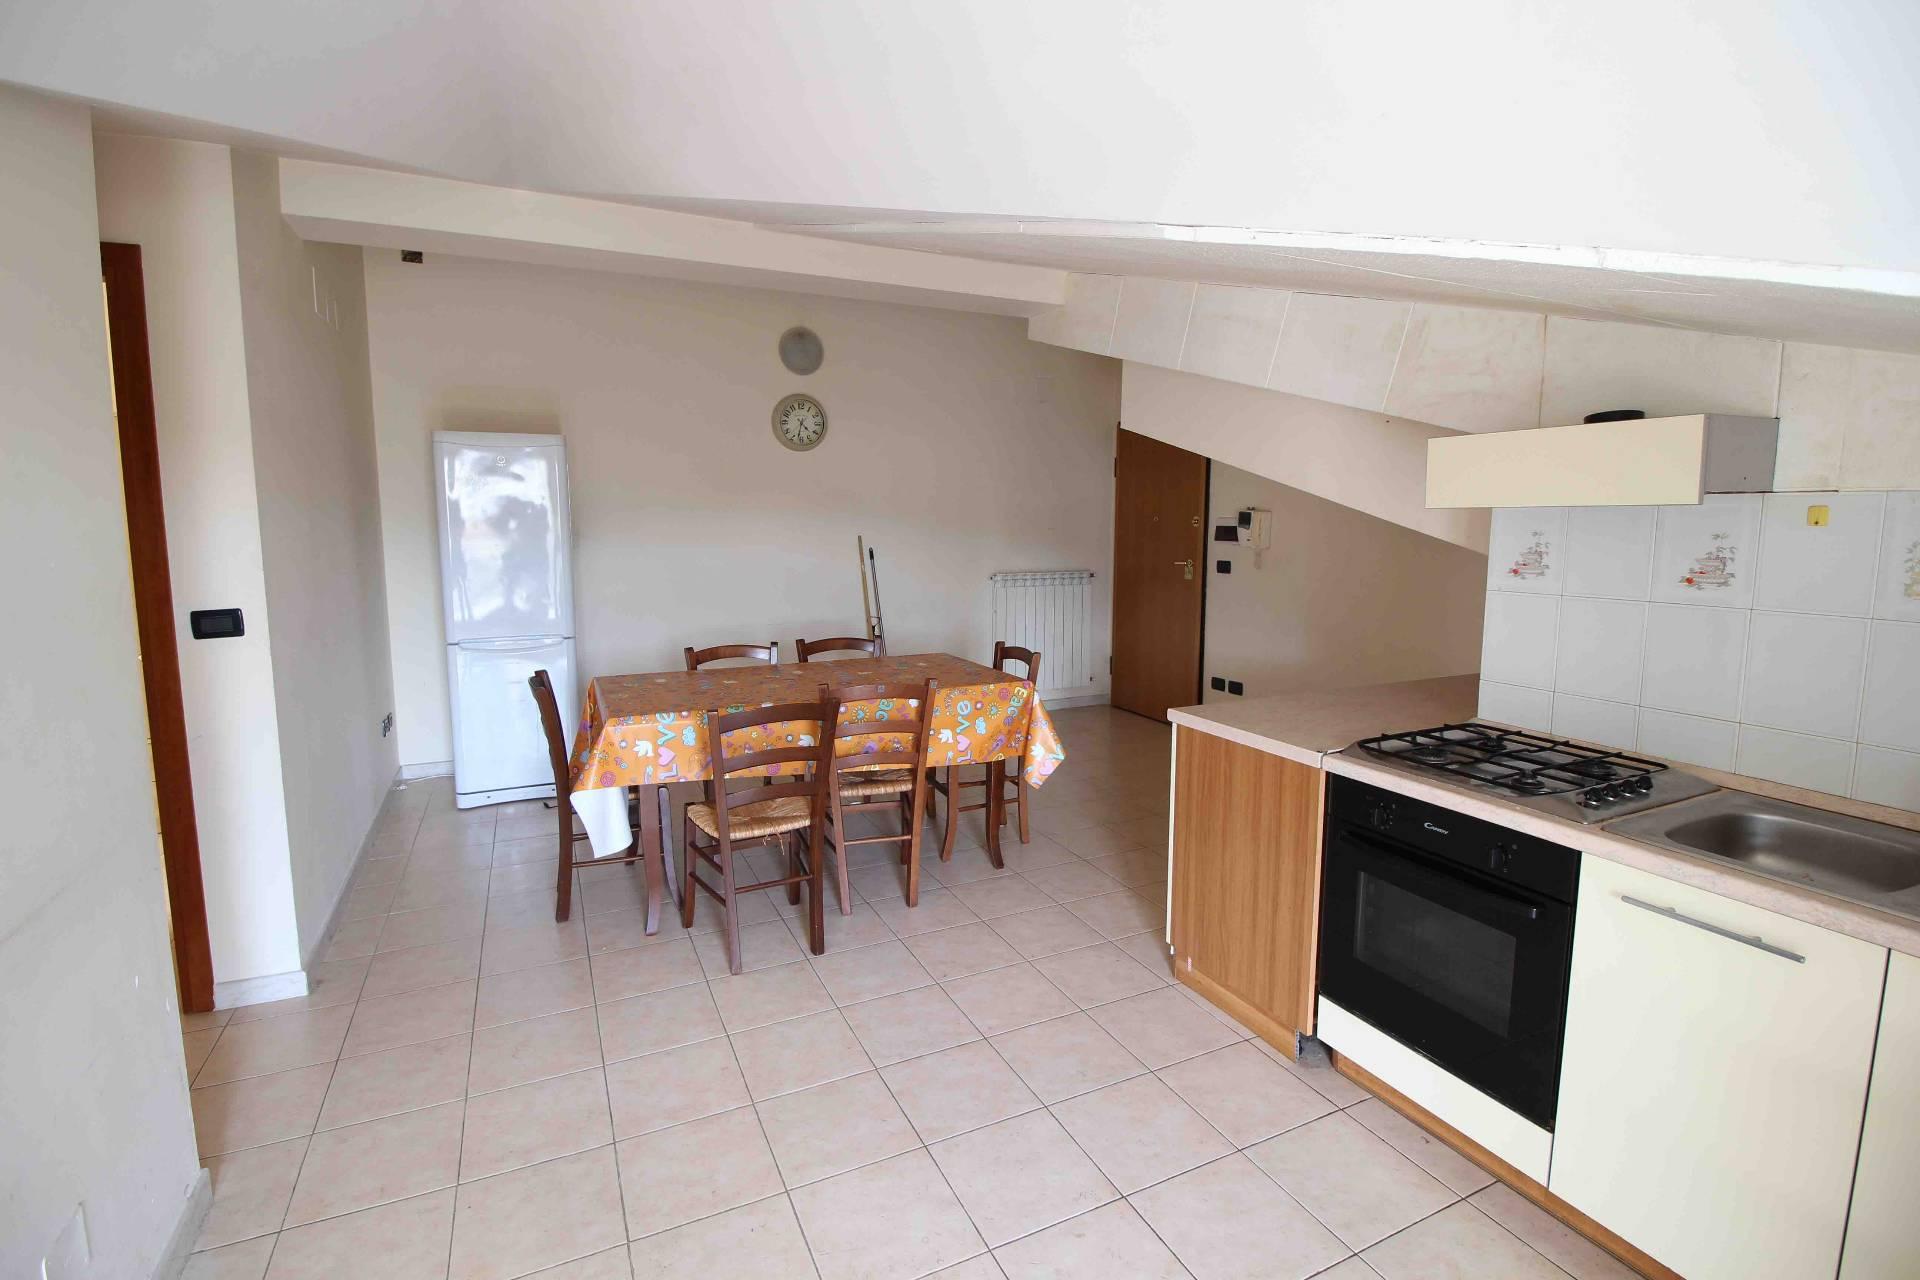 Attico / Mansarda in affitto a L'Aquila, 3 locali, zona Località: C.daRomani, prezzo € 400 | CambioCasa.it